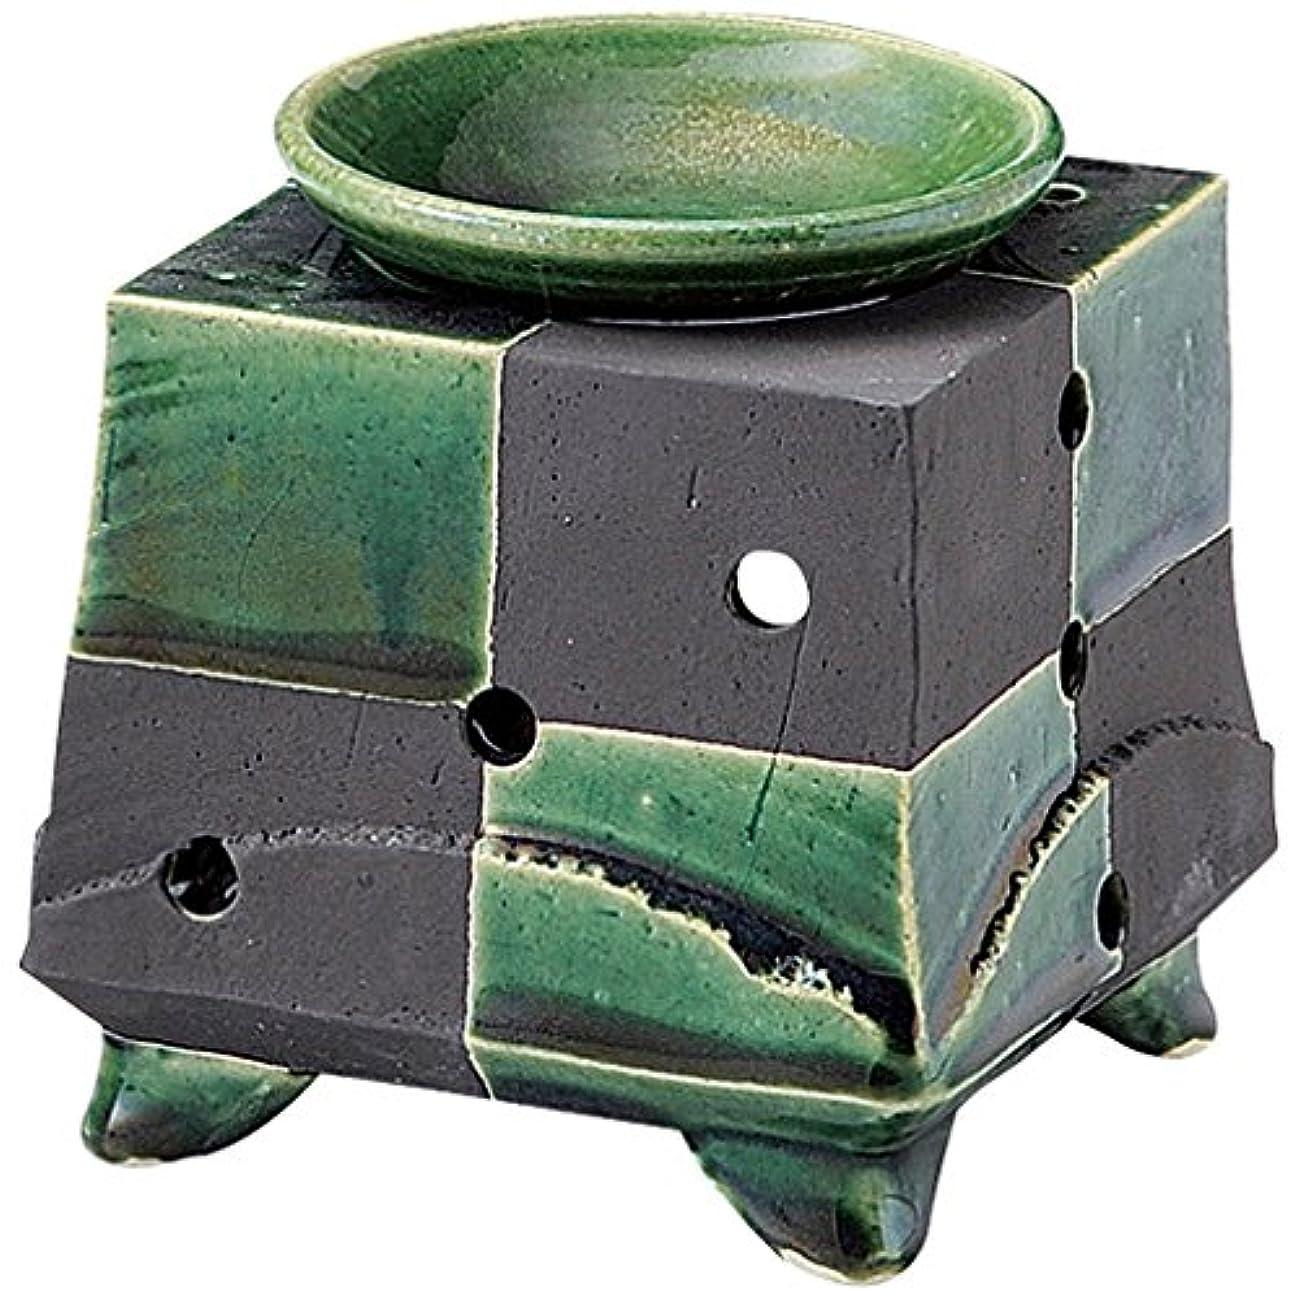 重なるアルカイック進む山下工芸 常滑焼 佳窯織部黒市松茶香炉 11.5×11.5×11.5cm 13045770